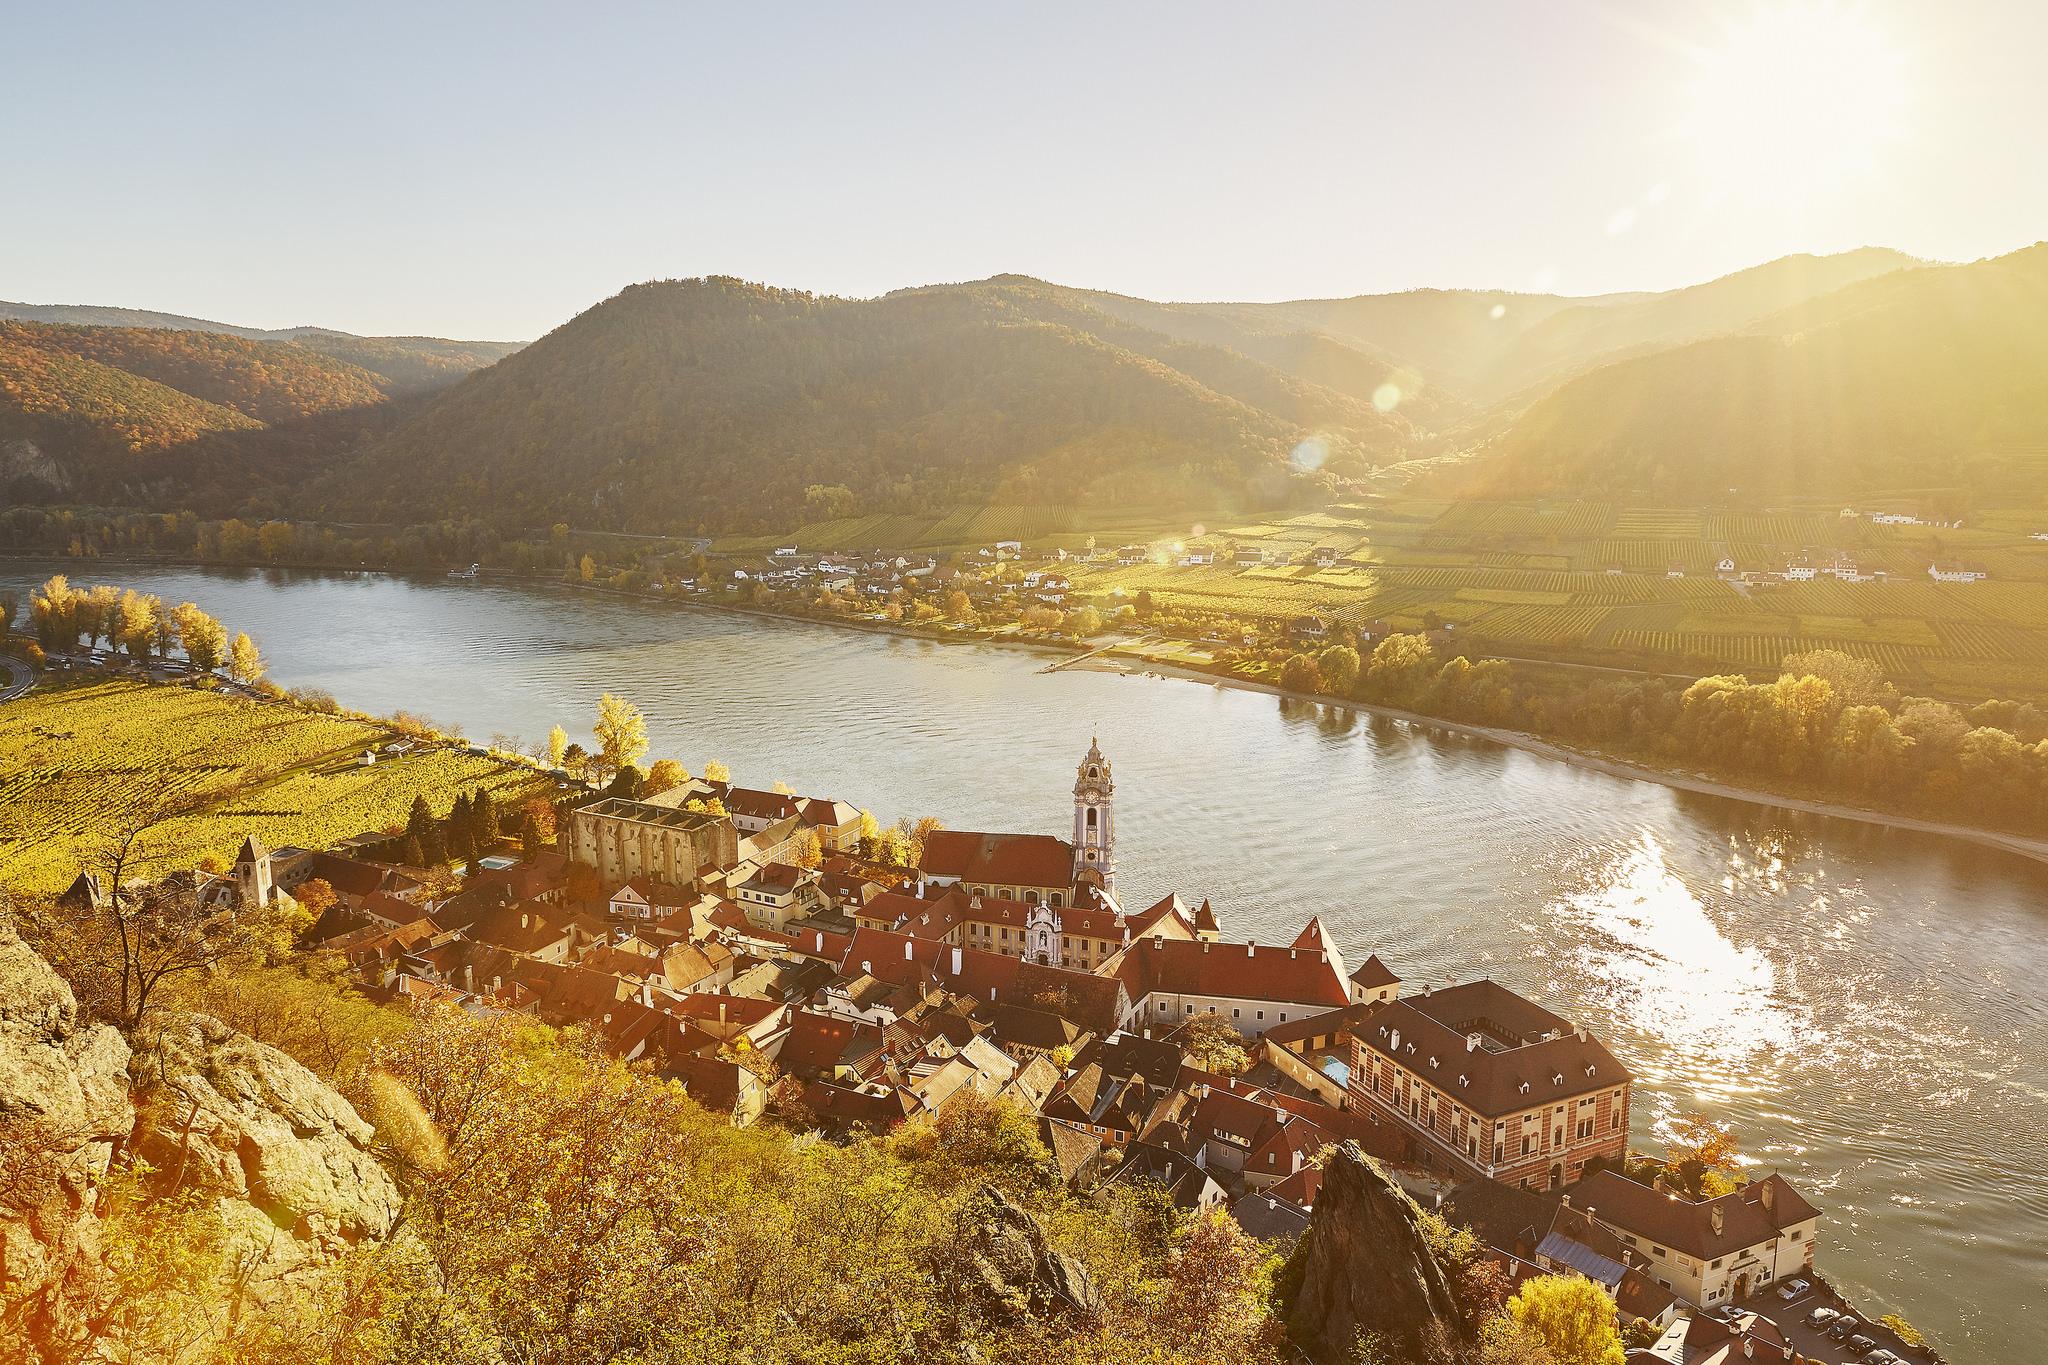 کانال دانوب در اتریش